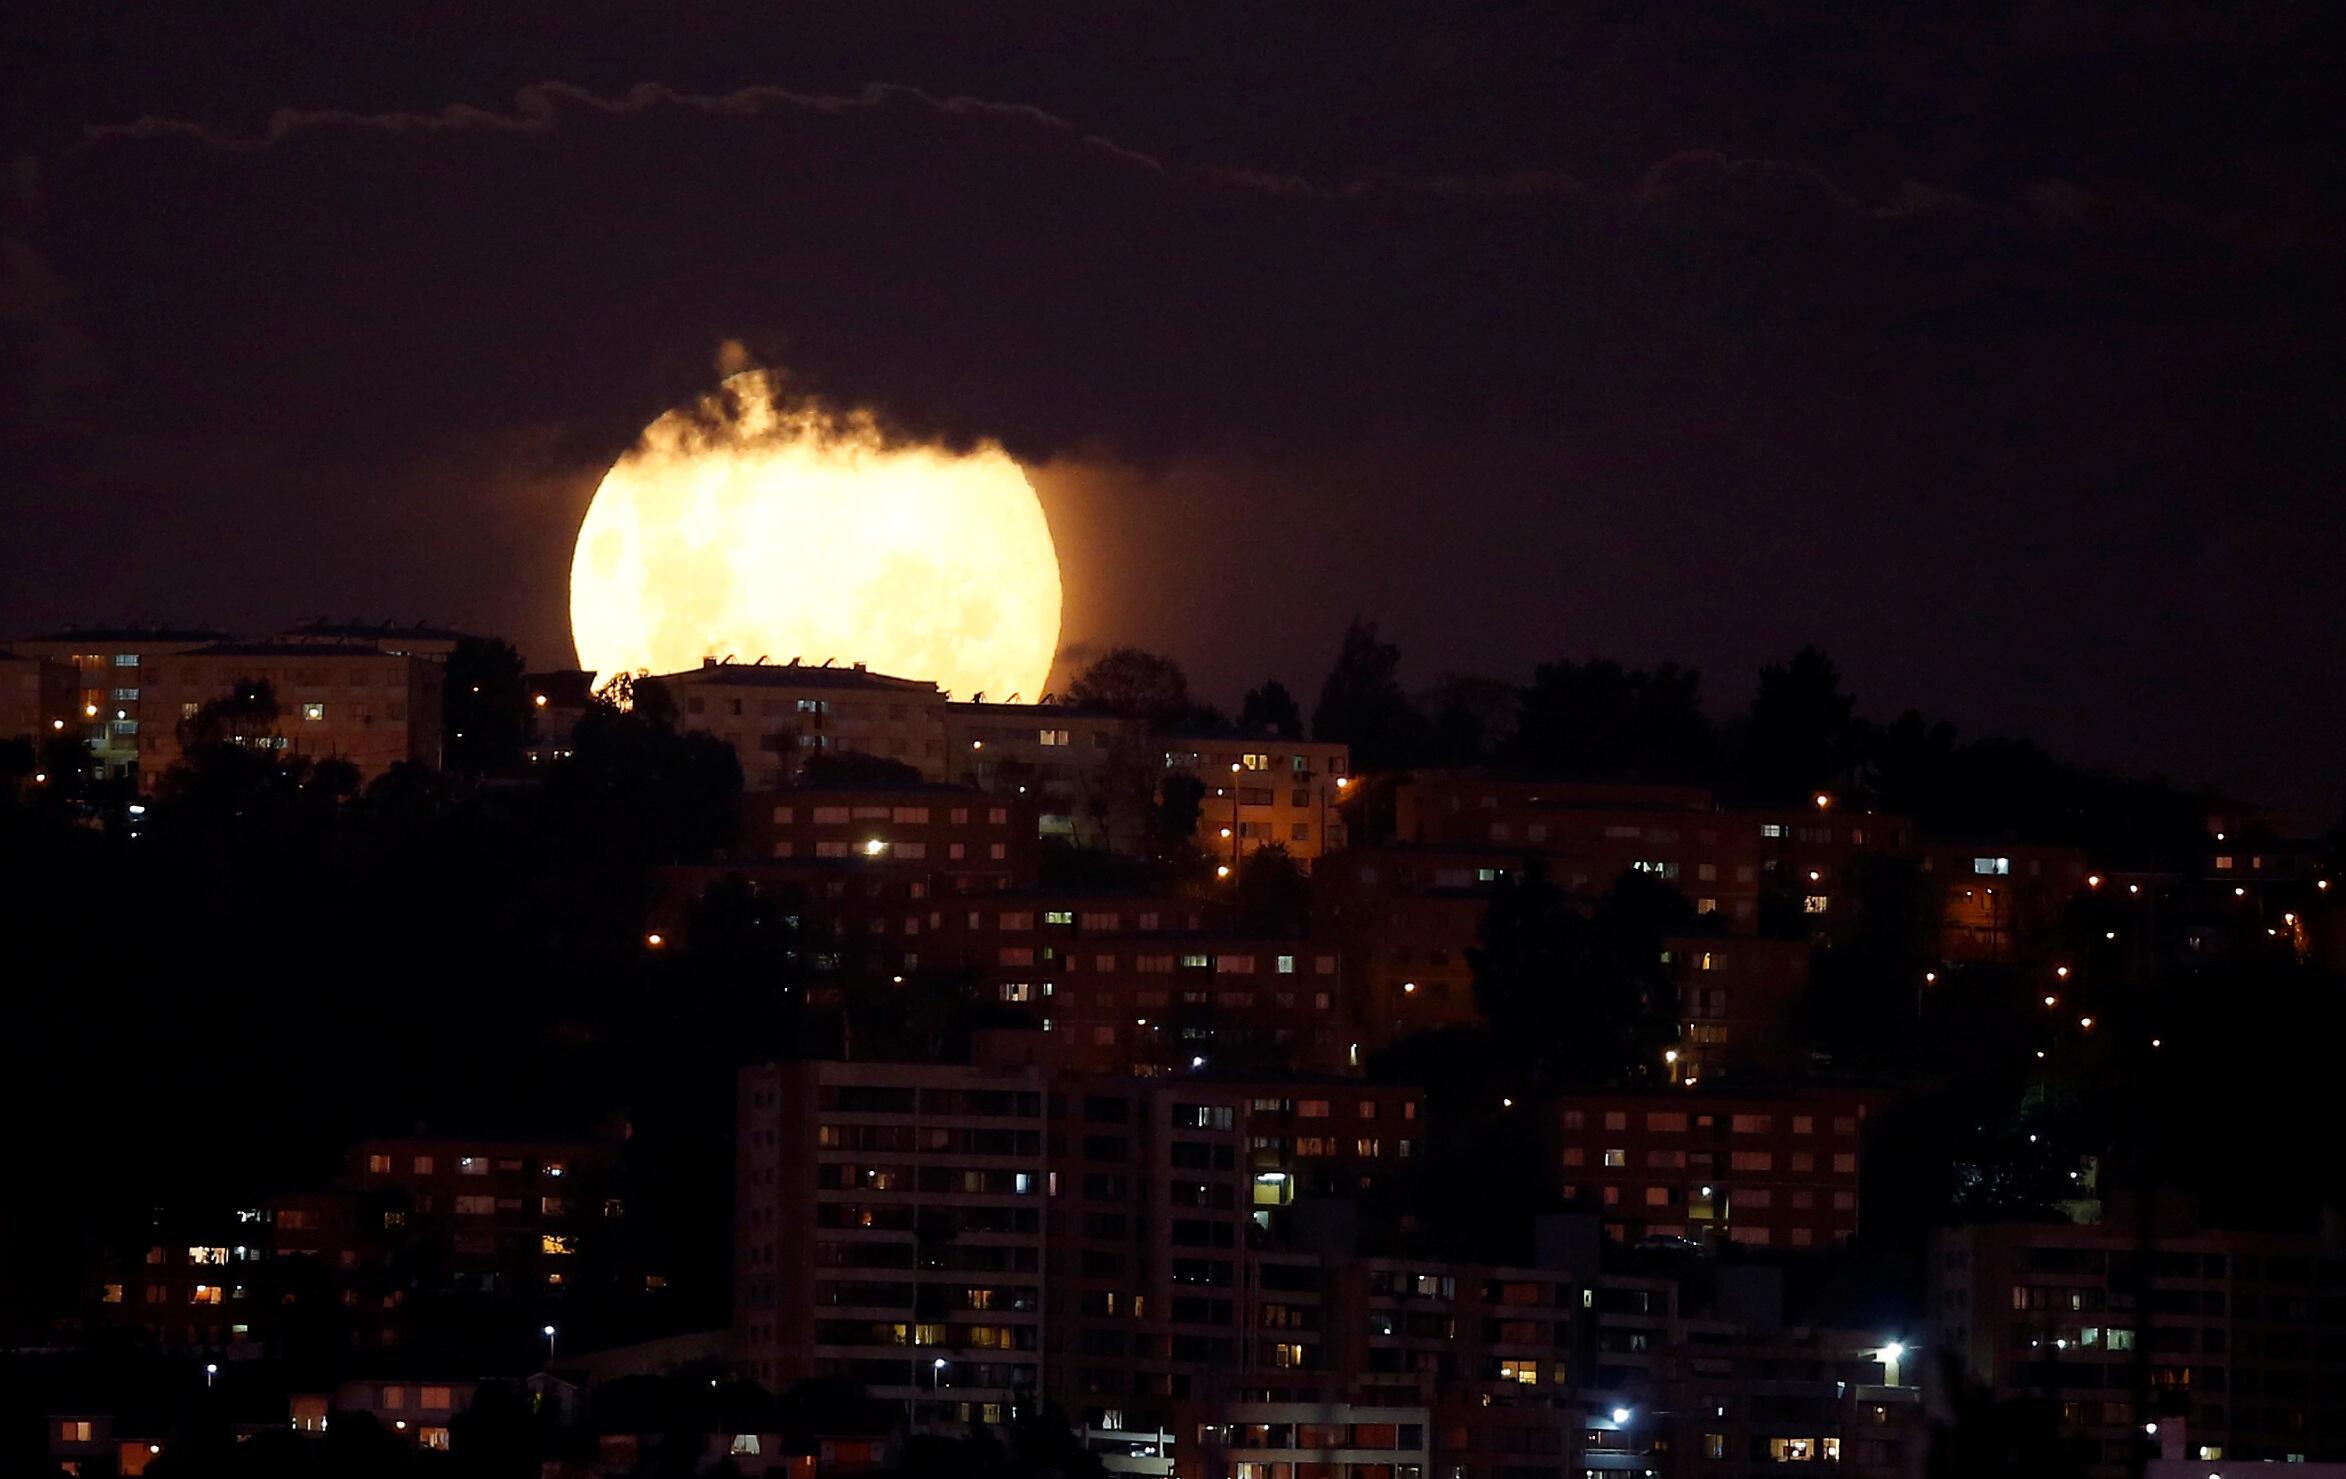 قمر ضخم لونه وردي يشبه كوكب المشتري يرتفع في سماء مدينة فينا ديل مار، شيل ، 7 أبريل/ نيسان 2020